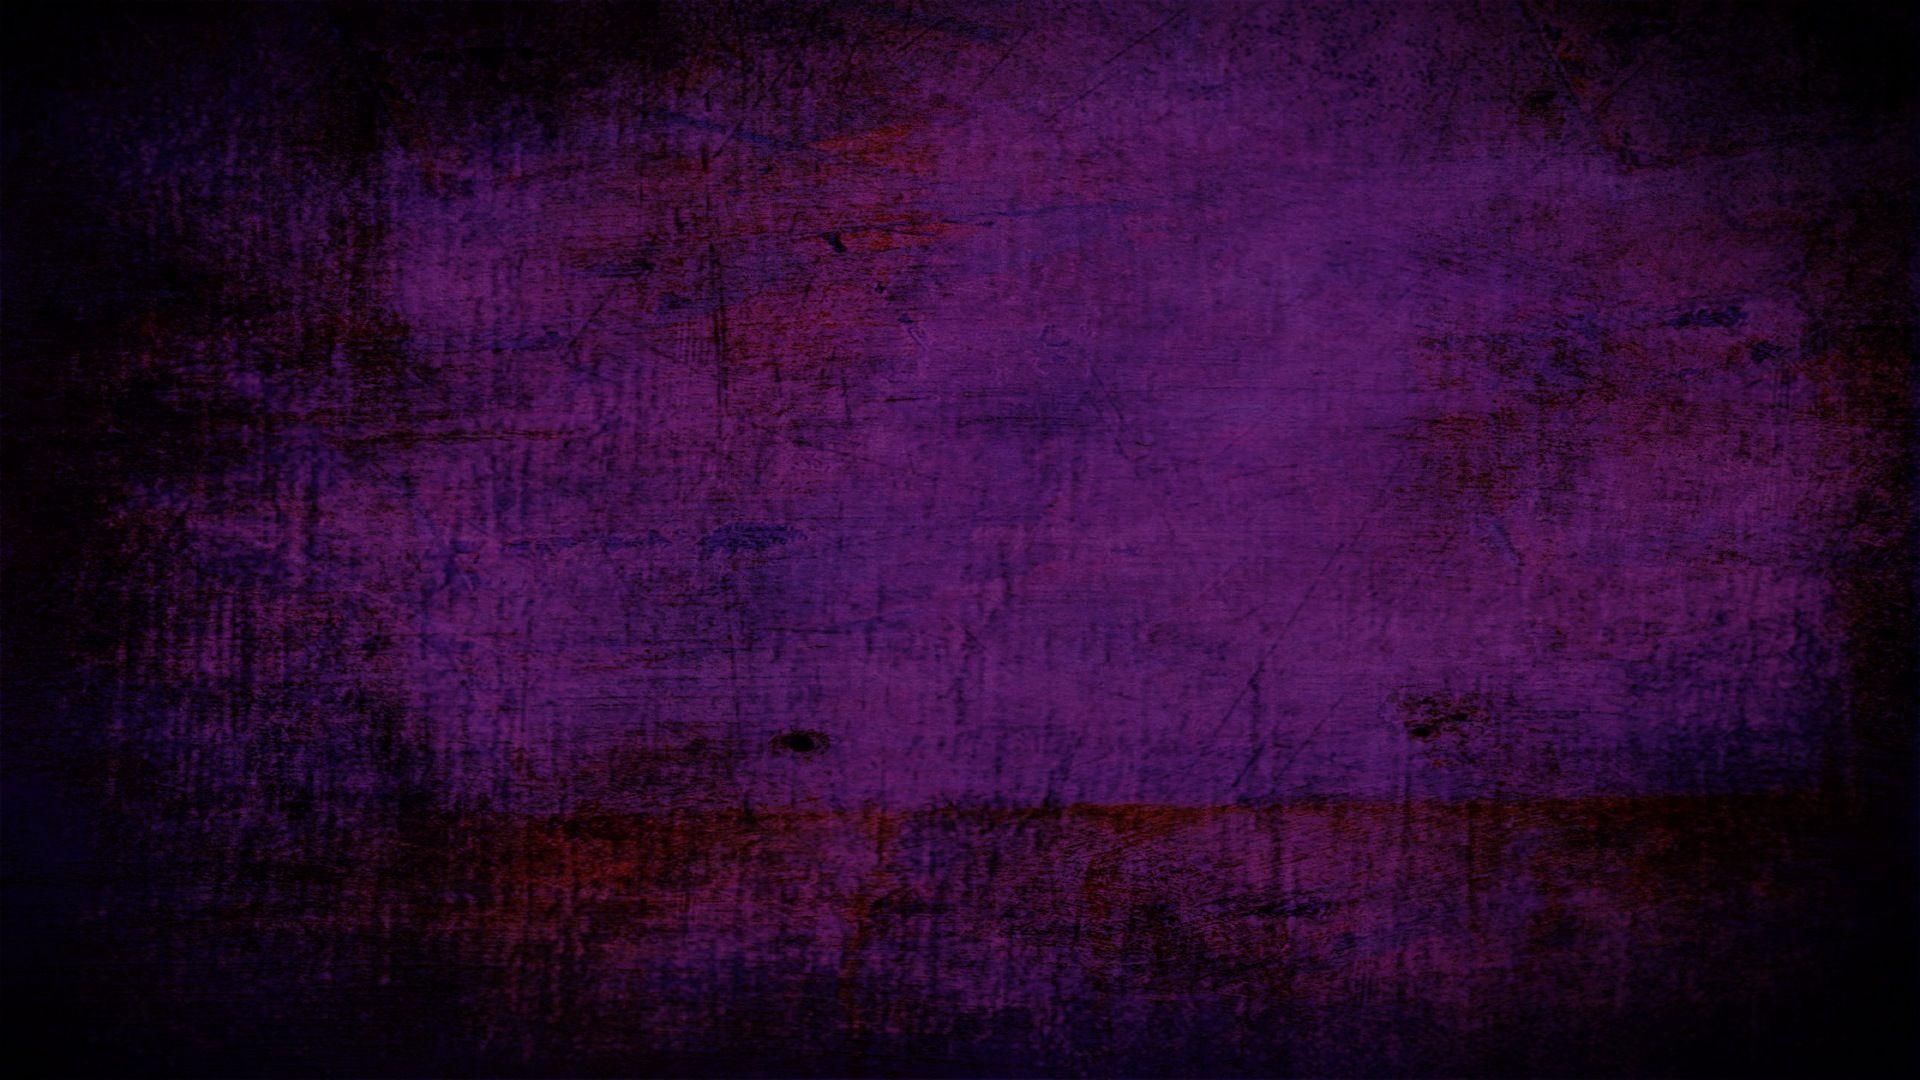 Dark Purple Backgrounds - Wallpaper Cave